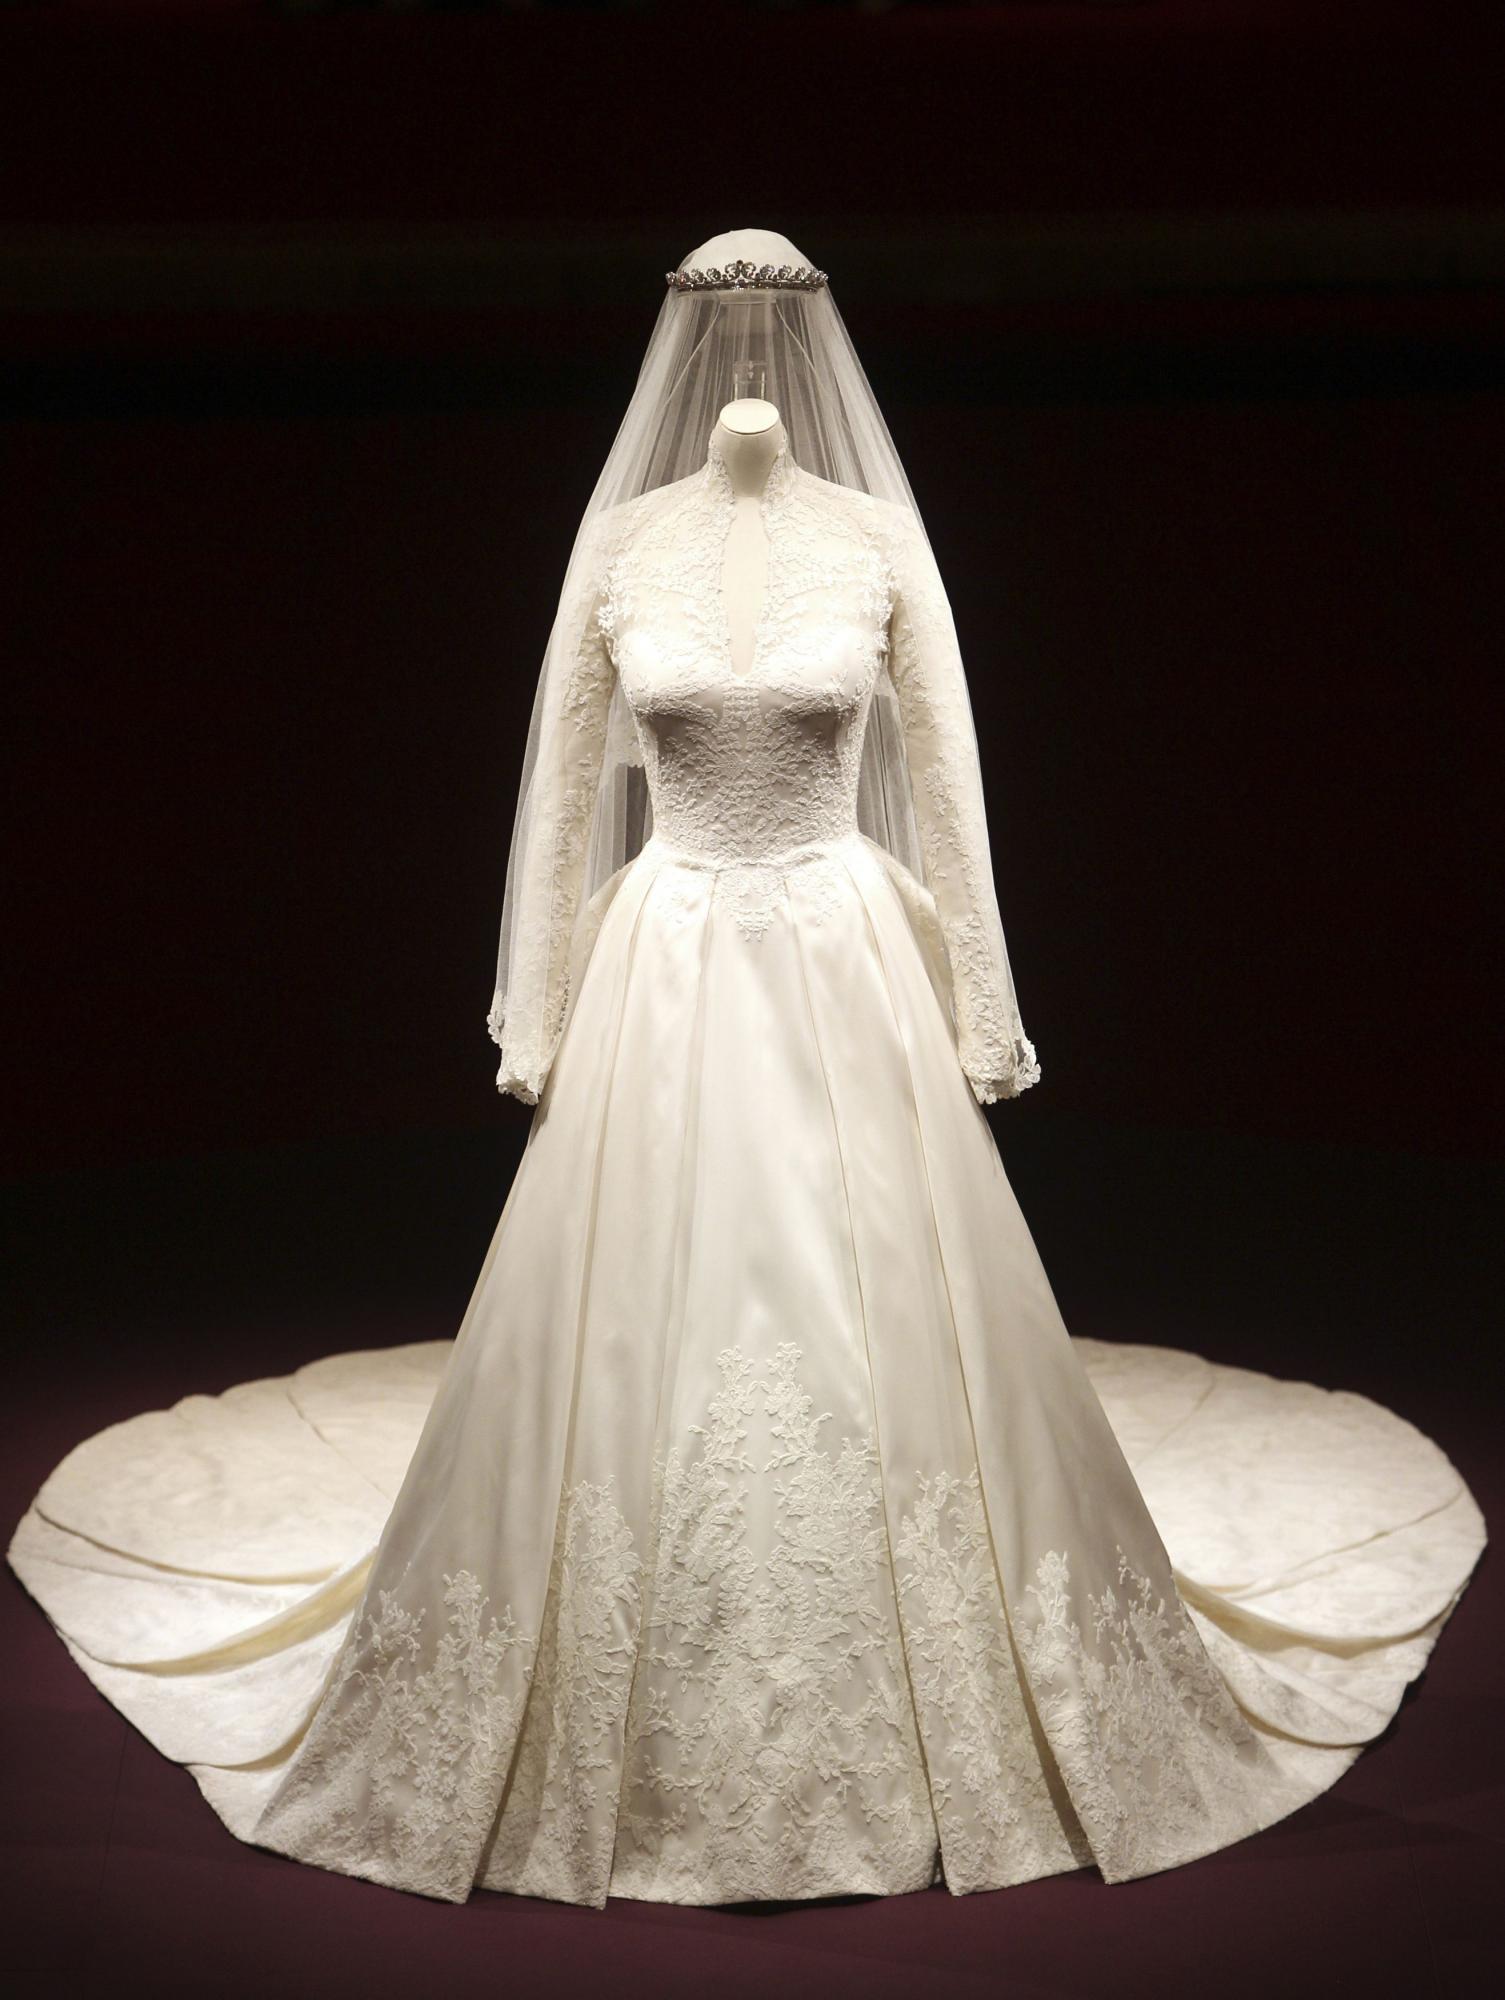 凯特婚纱亮相白金汉宫尽显典雅奢华 12万人预约参观